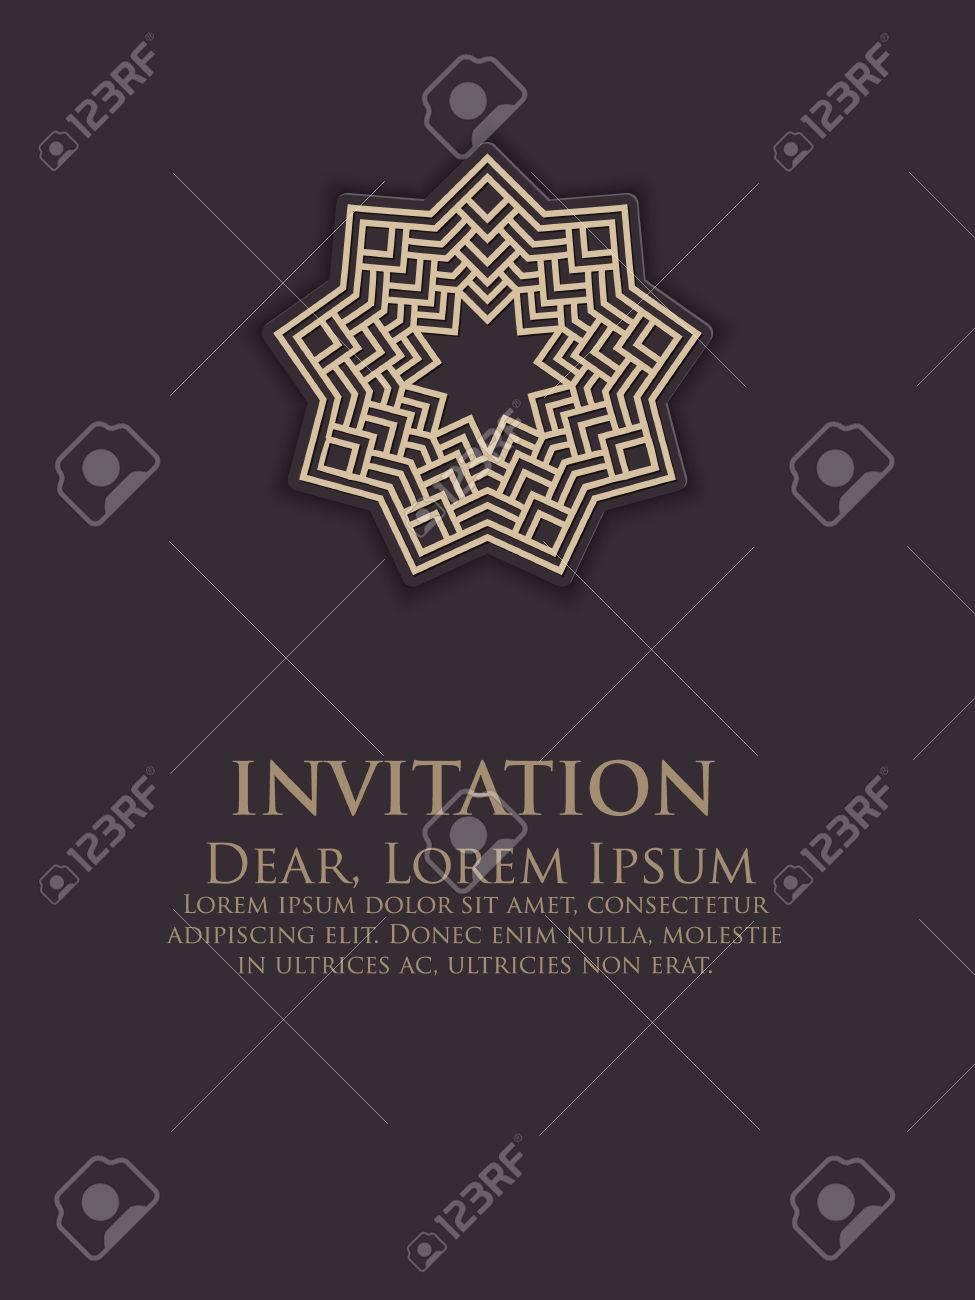 NVITATION Cartes Avec Des Elements Ethniques Arabesque Conception